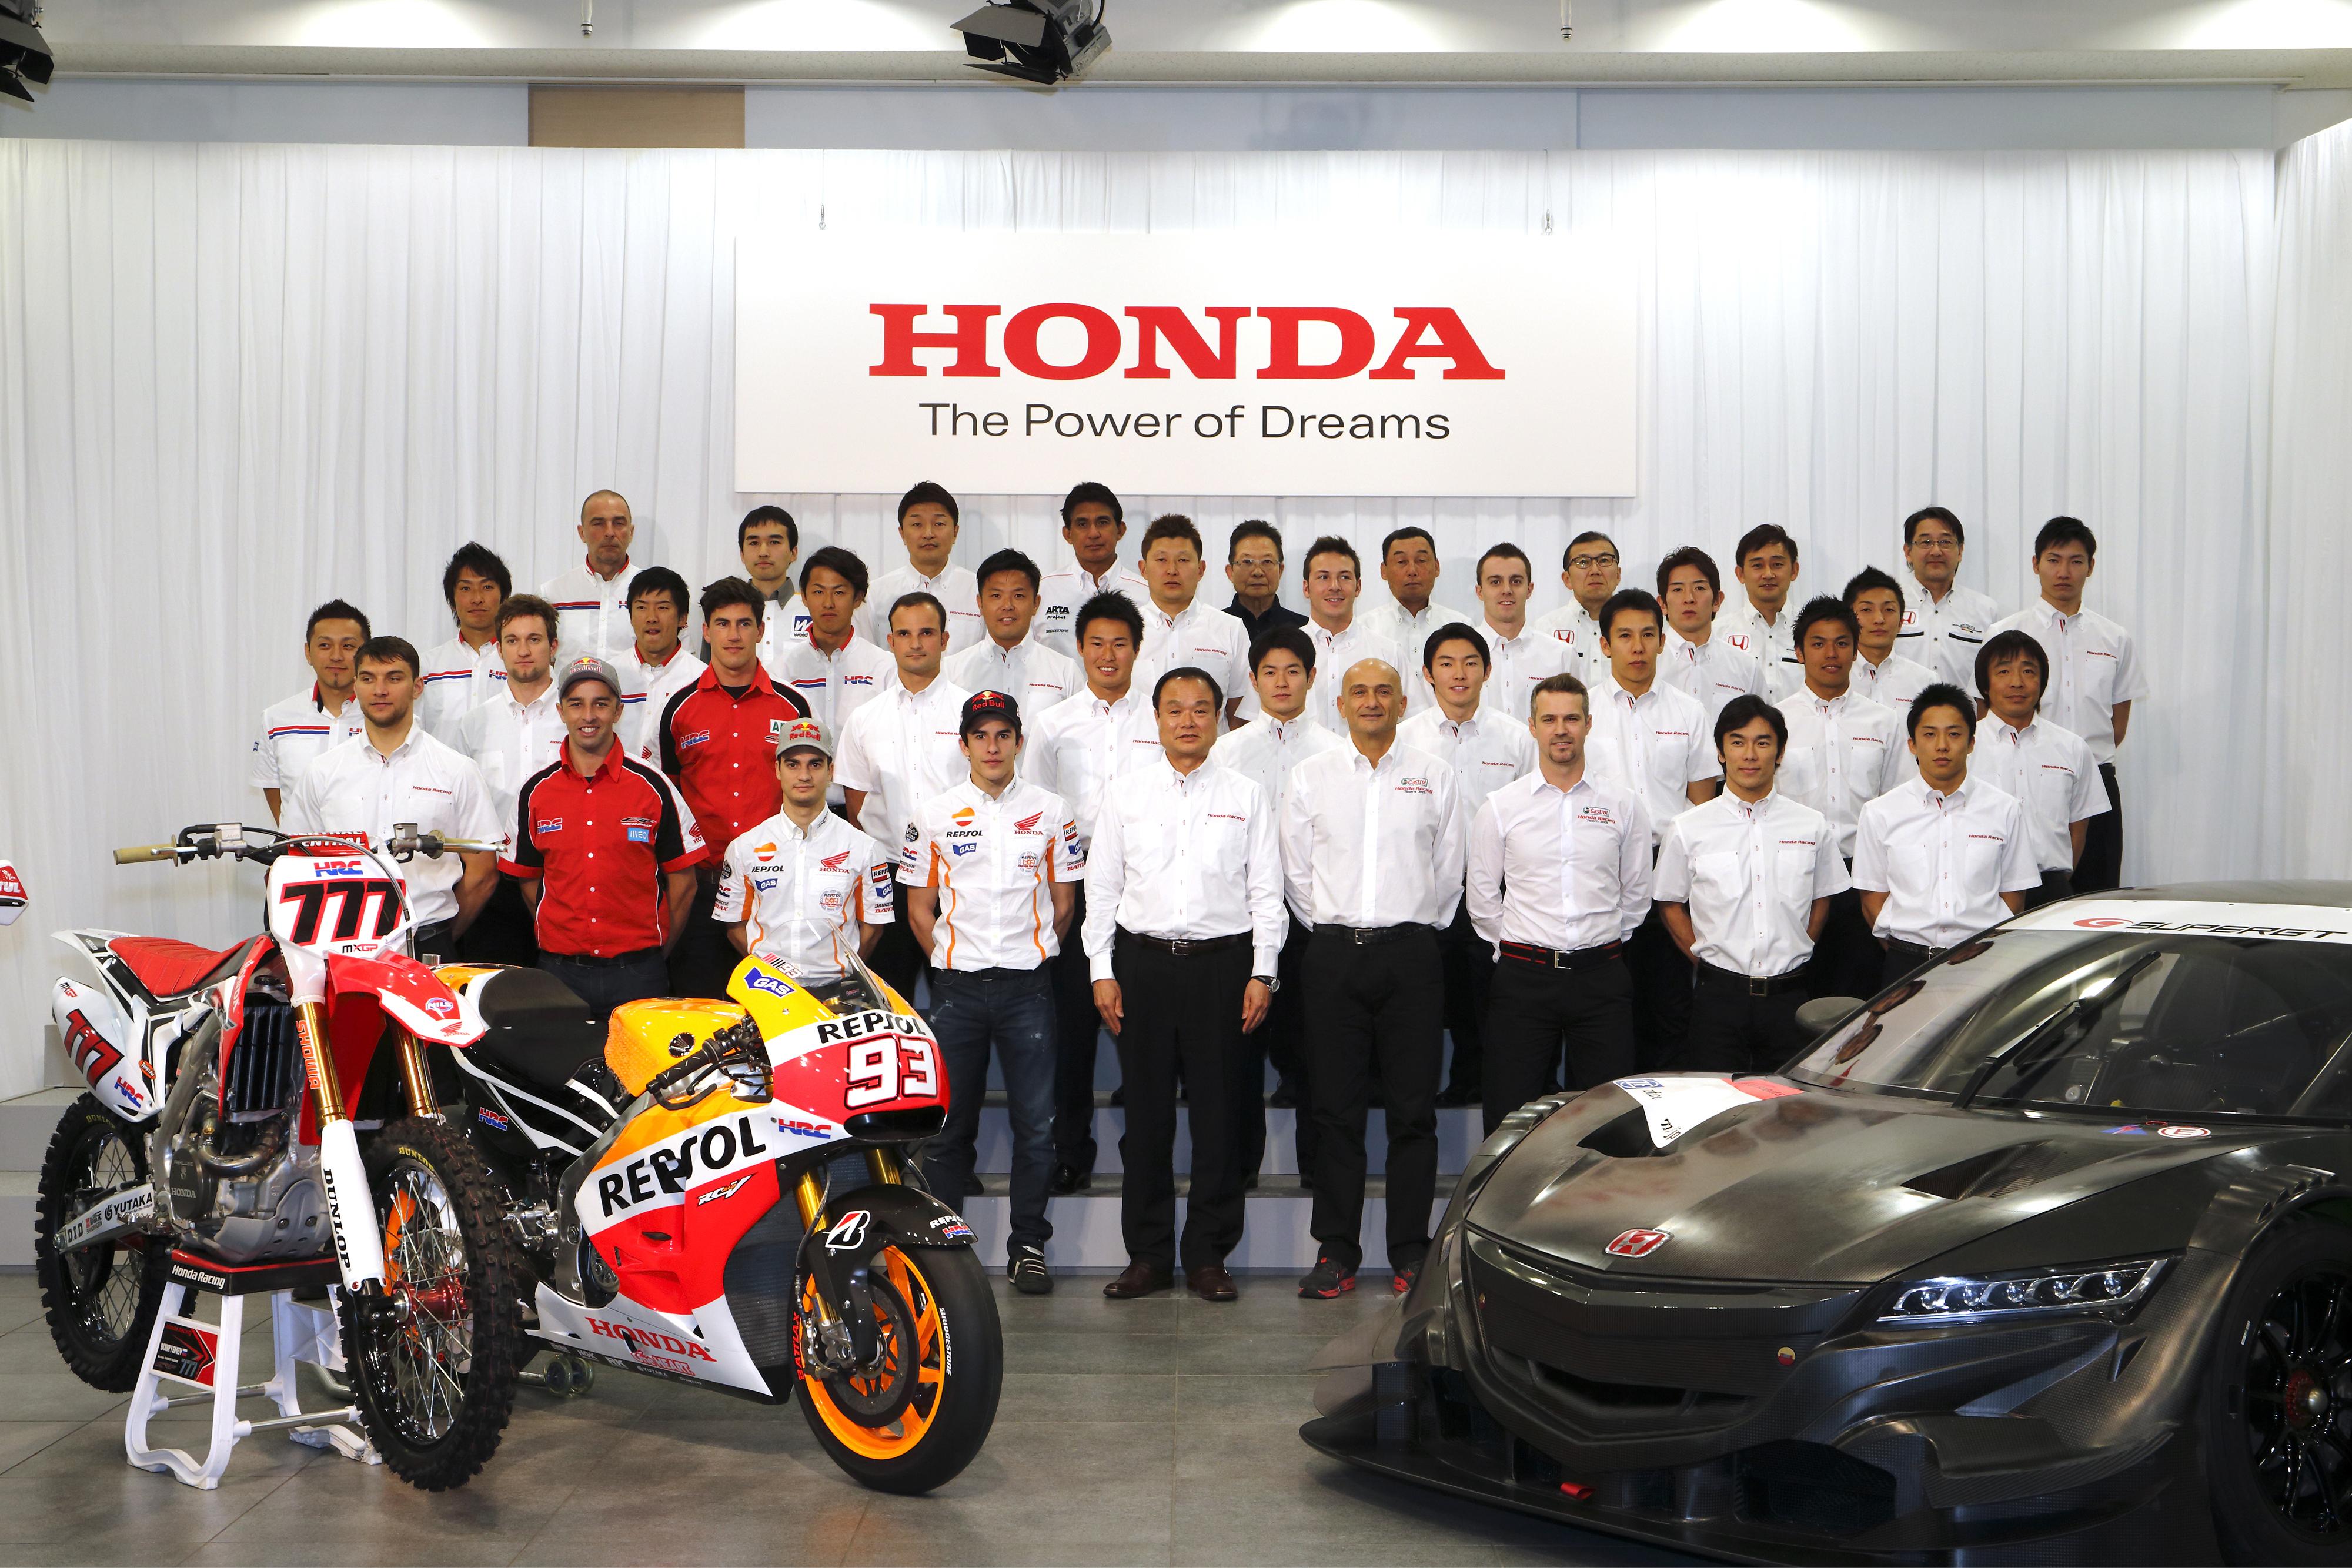 Honda annuncia il programma Motorsport 2014